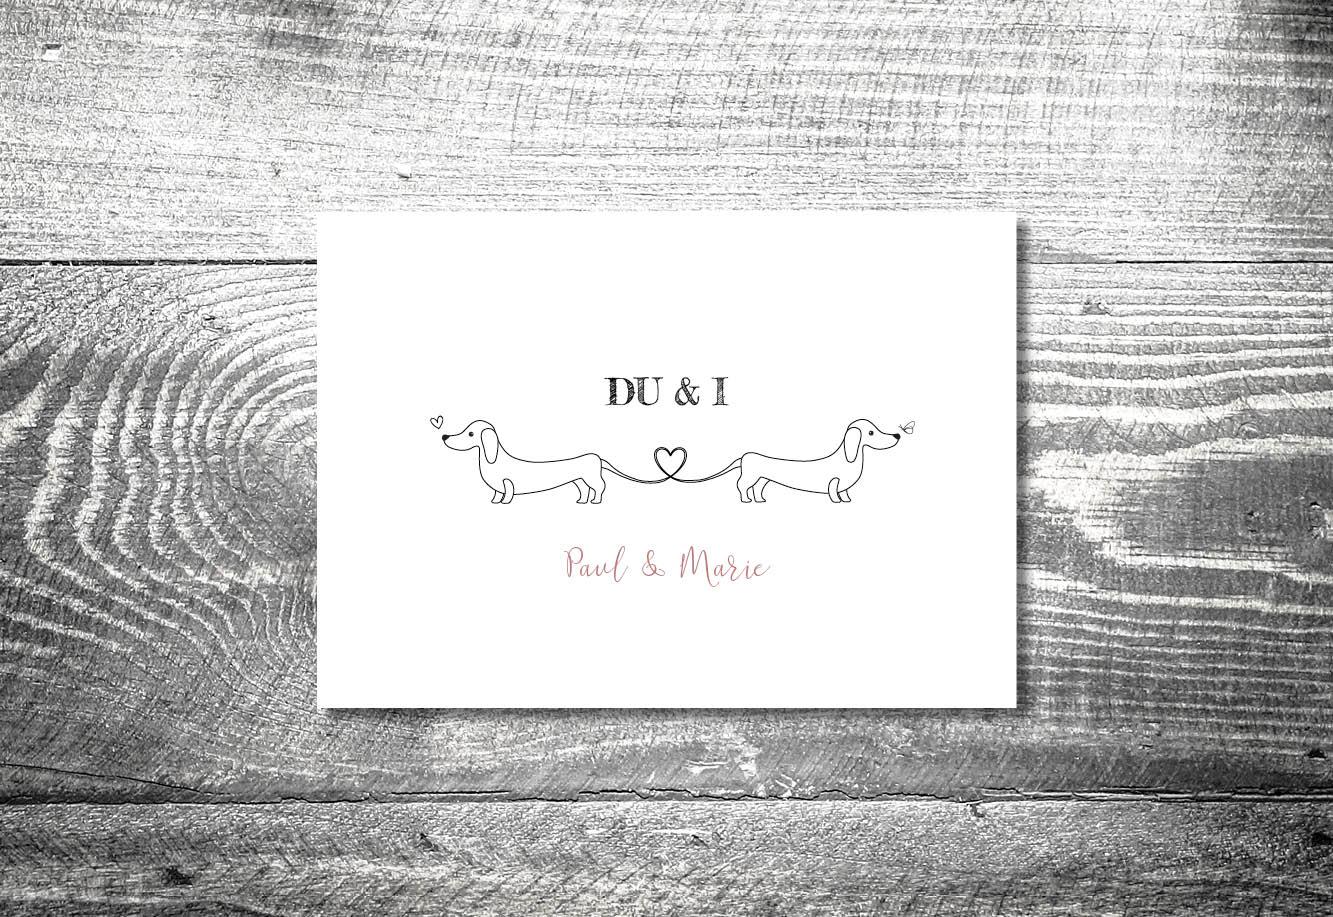 kartlerei bayrische einladungskarten hochzeitseinladung zamperlliebe7 - Hochzeitskarten Set